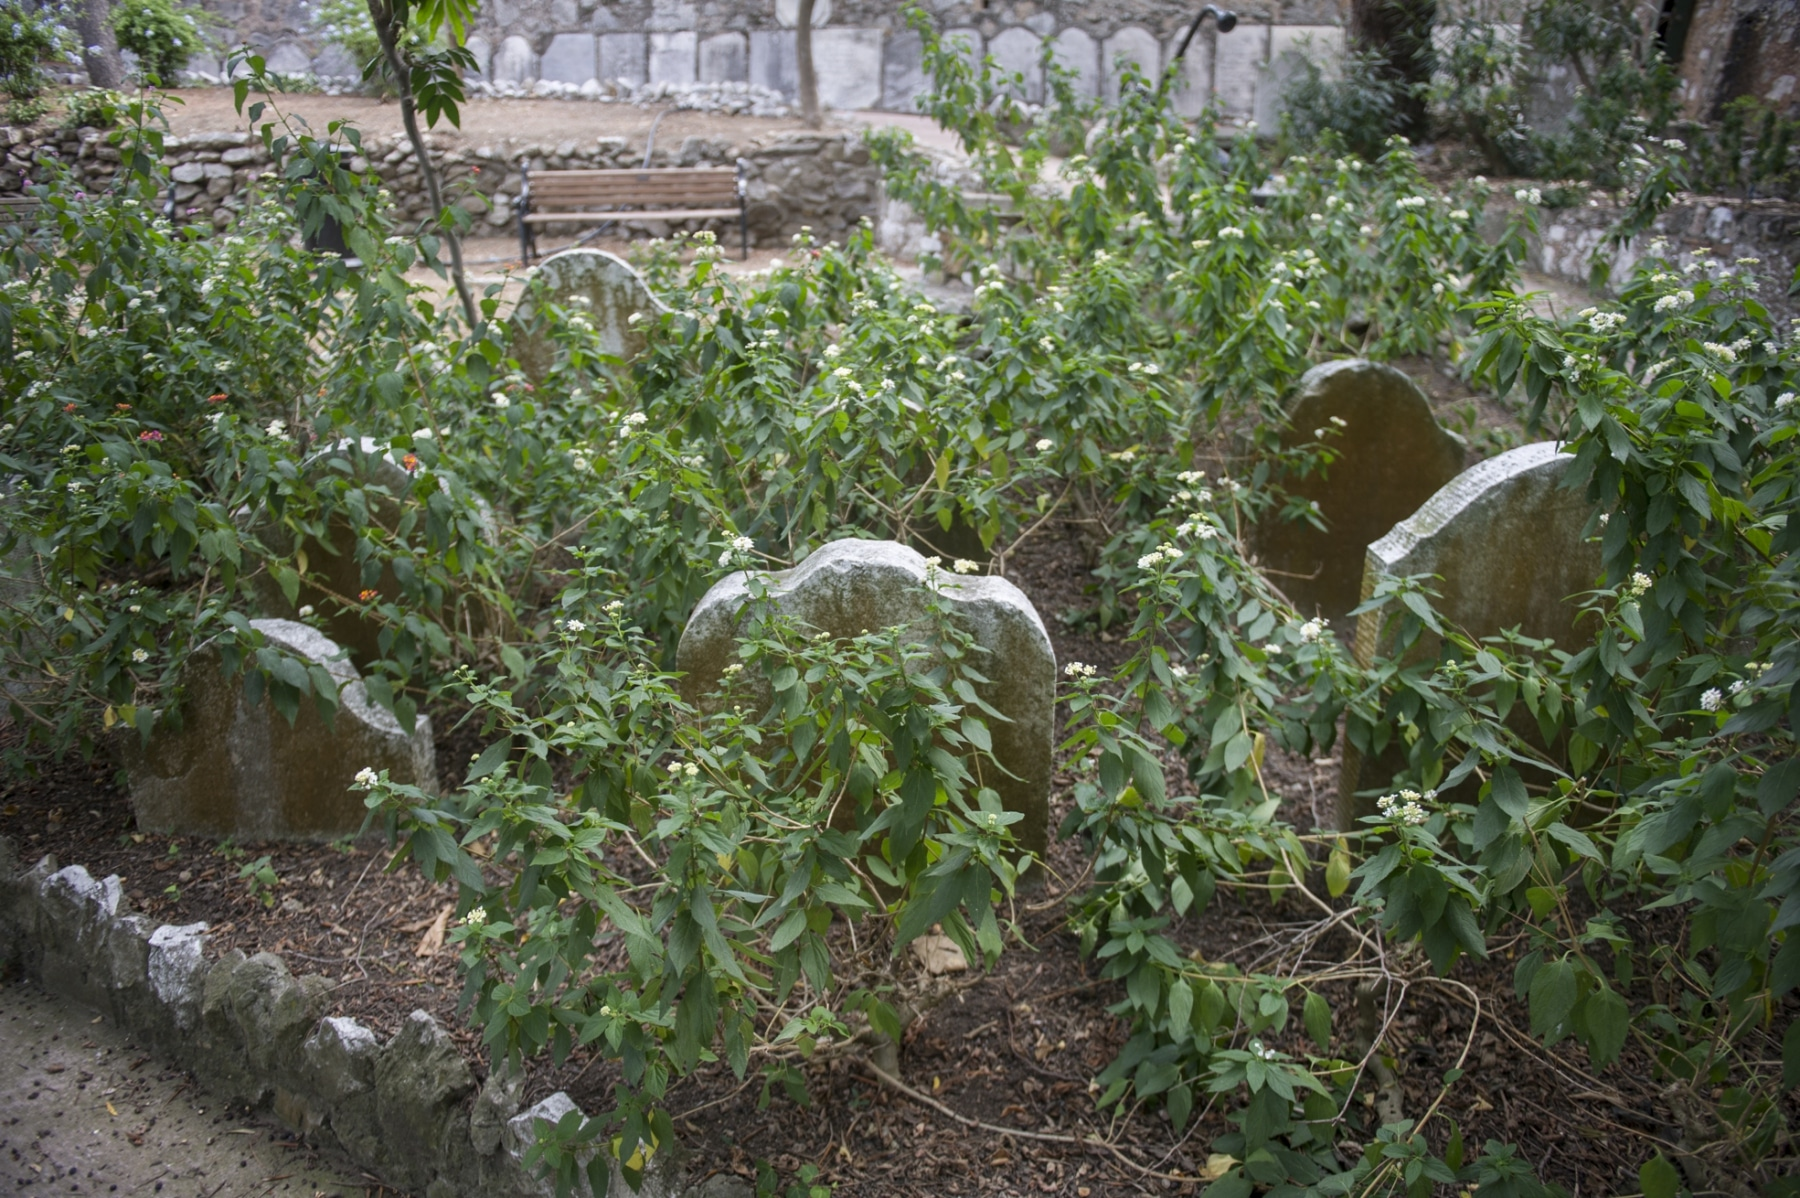 cementerio-de-trafalgar-gibraltar_22123438113_o